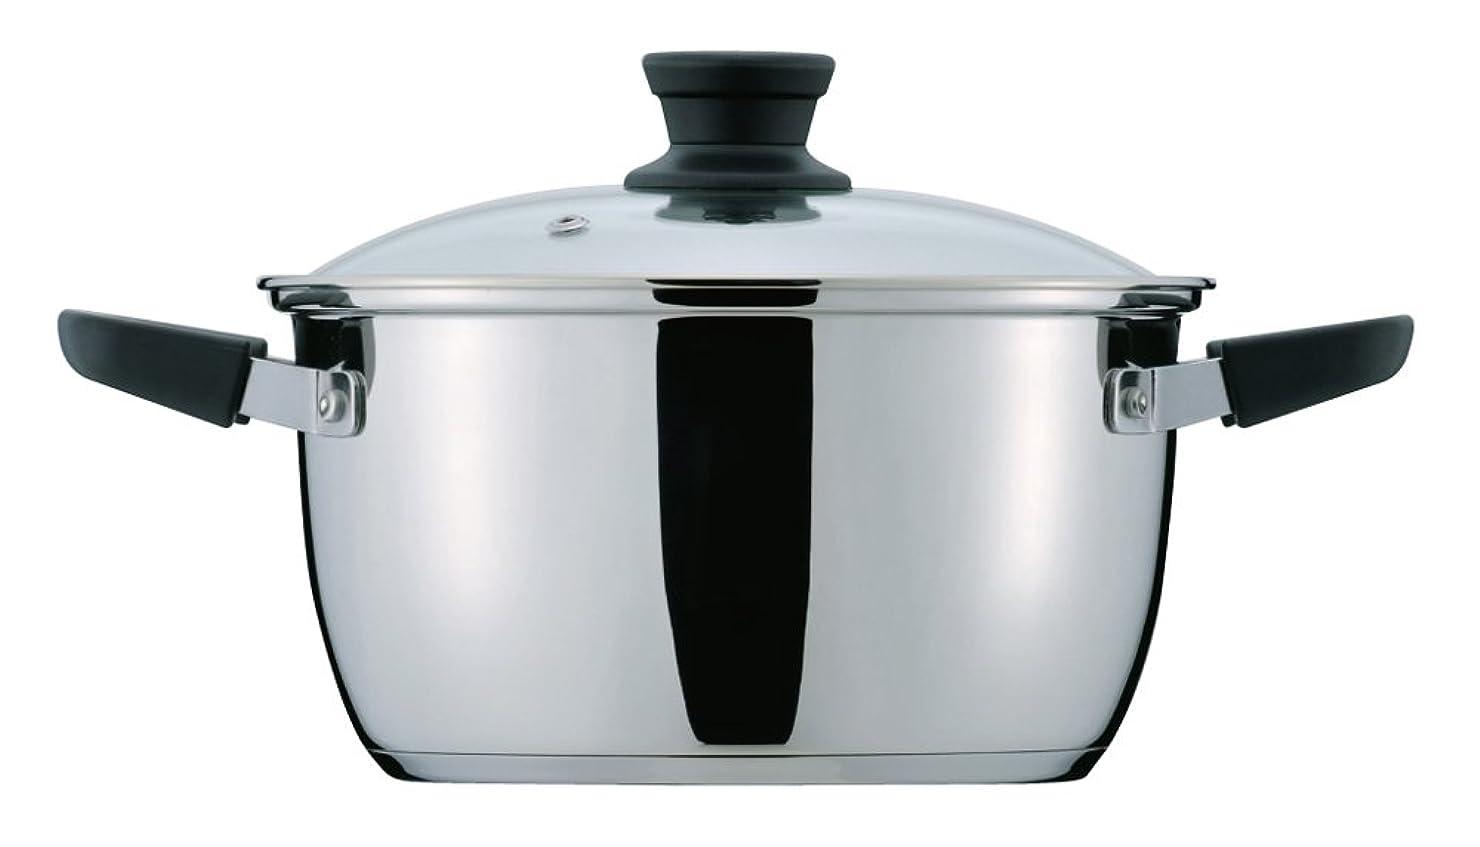 アクセル縞模様のホステスパール金属 クラッセ 3層底 ガラス蓋 付 両手鍋 20cm 内面ふっ素加工 IH対応 HB-3416